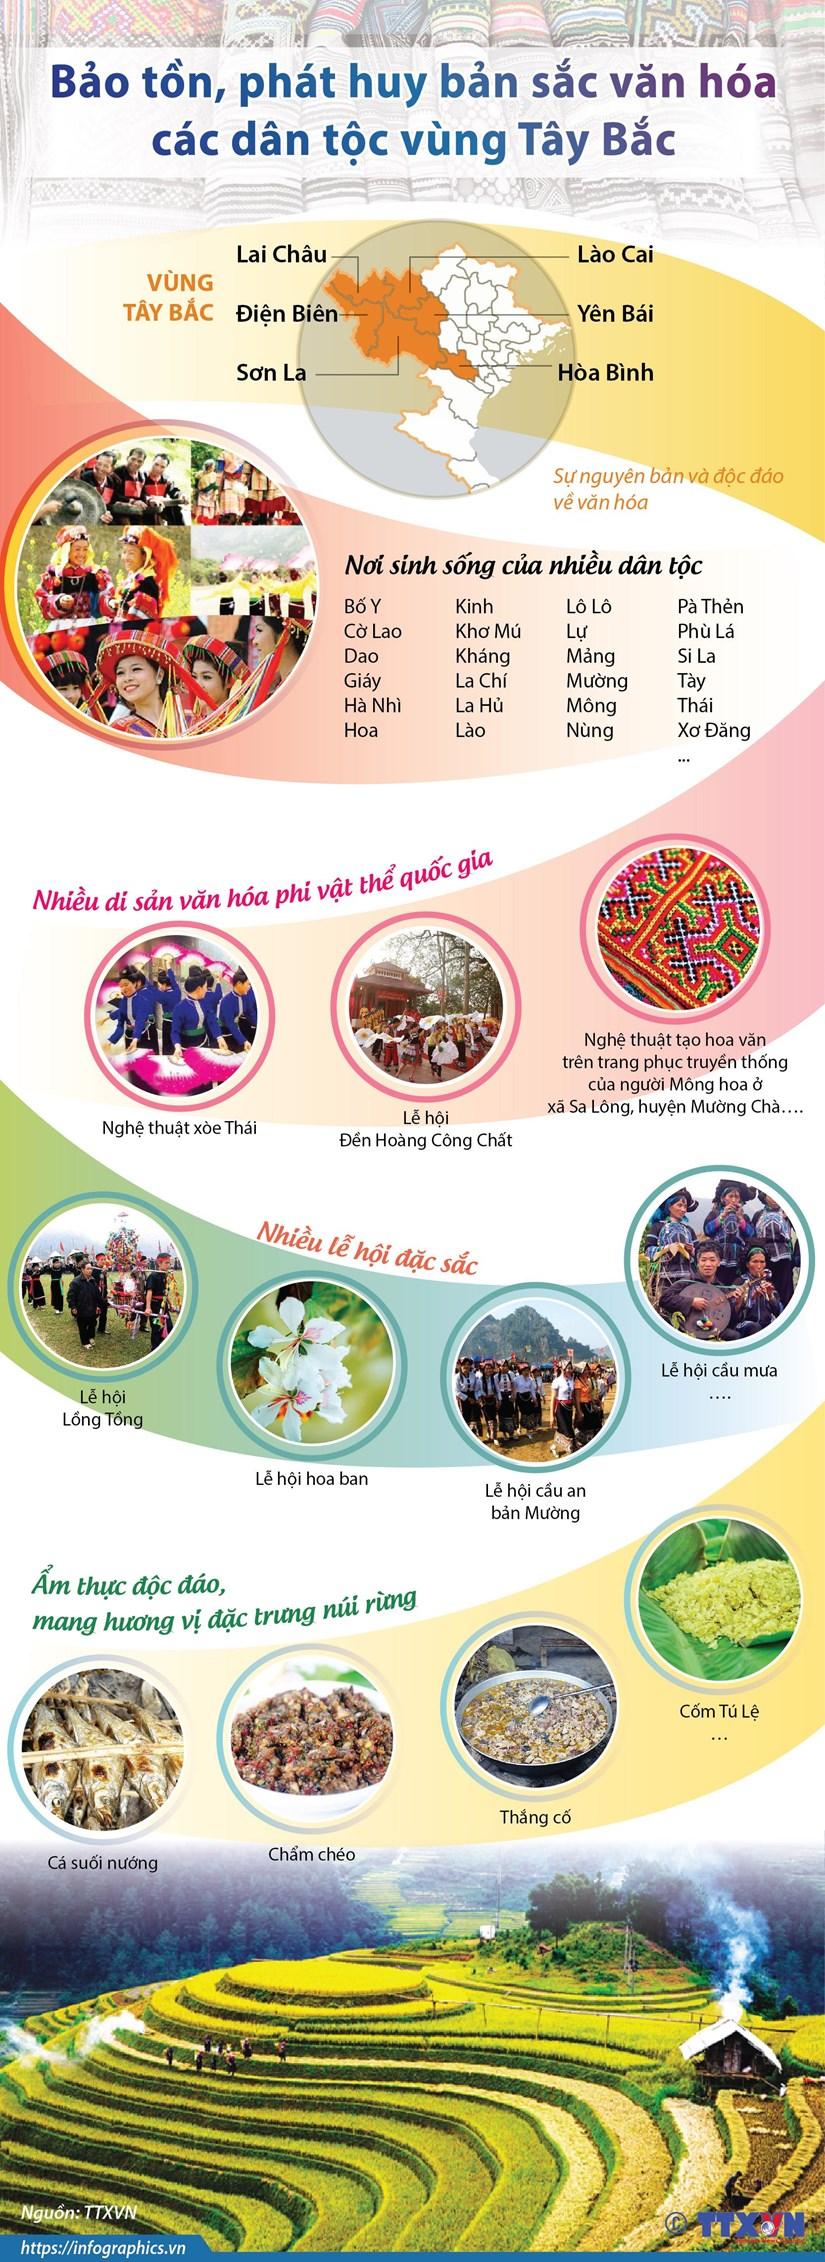 [Infographics] Bảo tồn, phát huy bản sắc văn hóa các dân tộc Tây Bắc